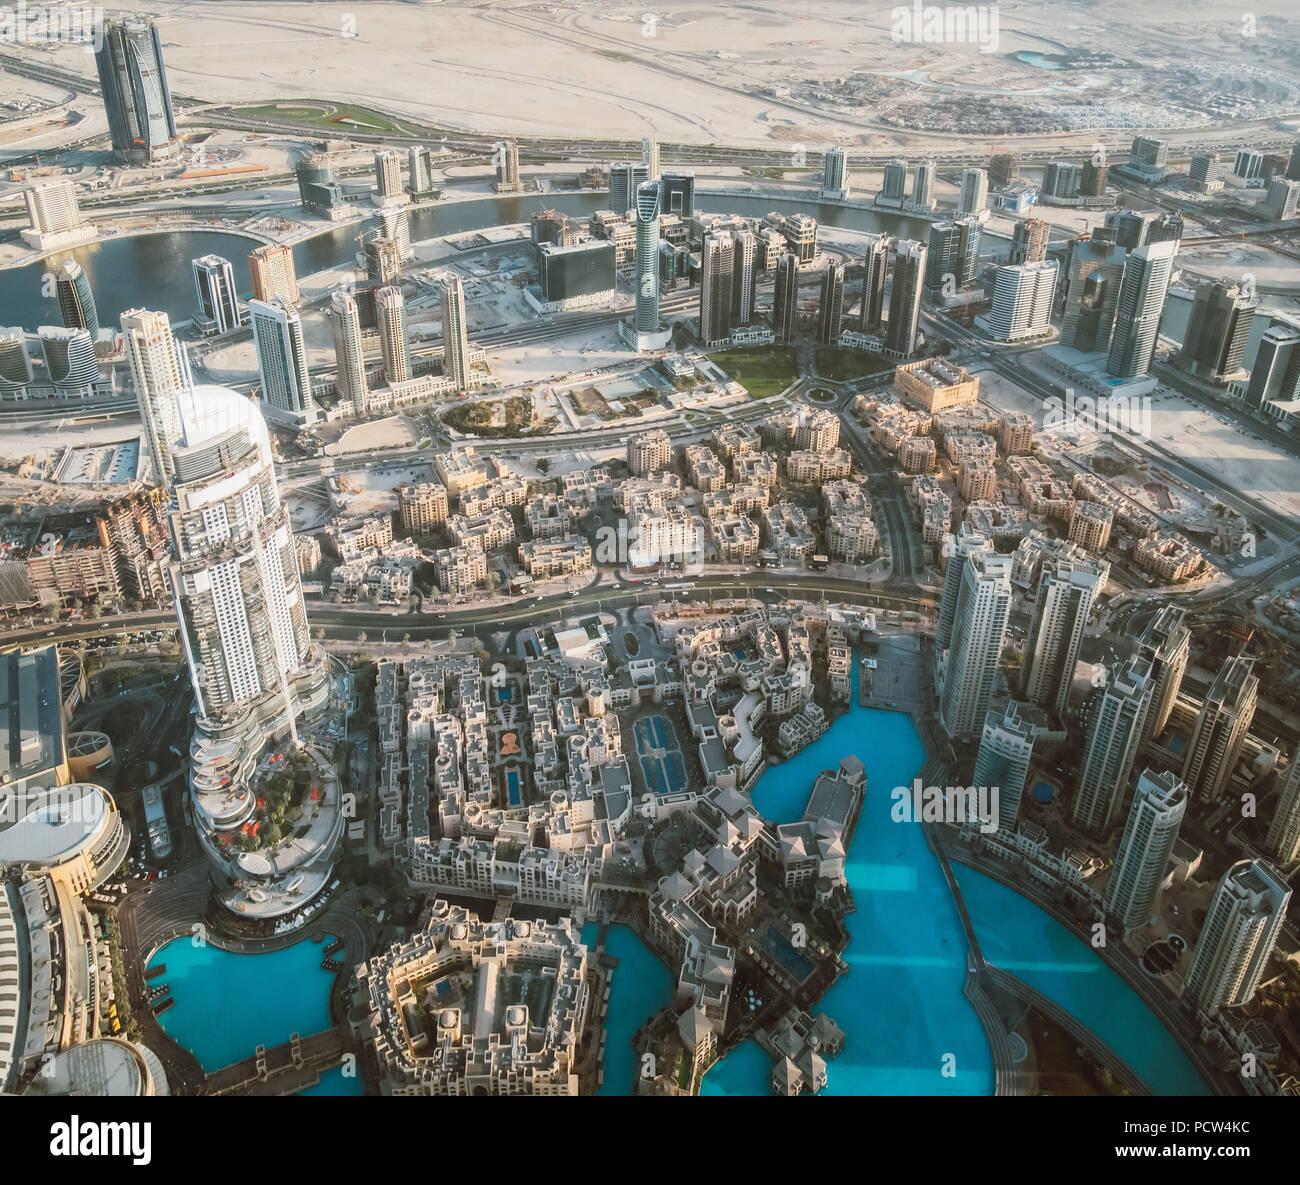 Splendida vista dalla cima della skyline di Dubai - Emirati arabi uniti Immagini Stock